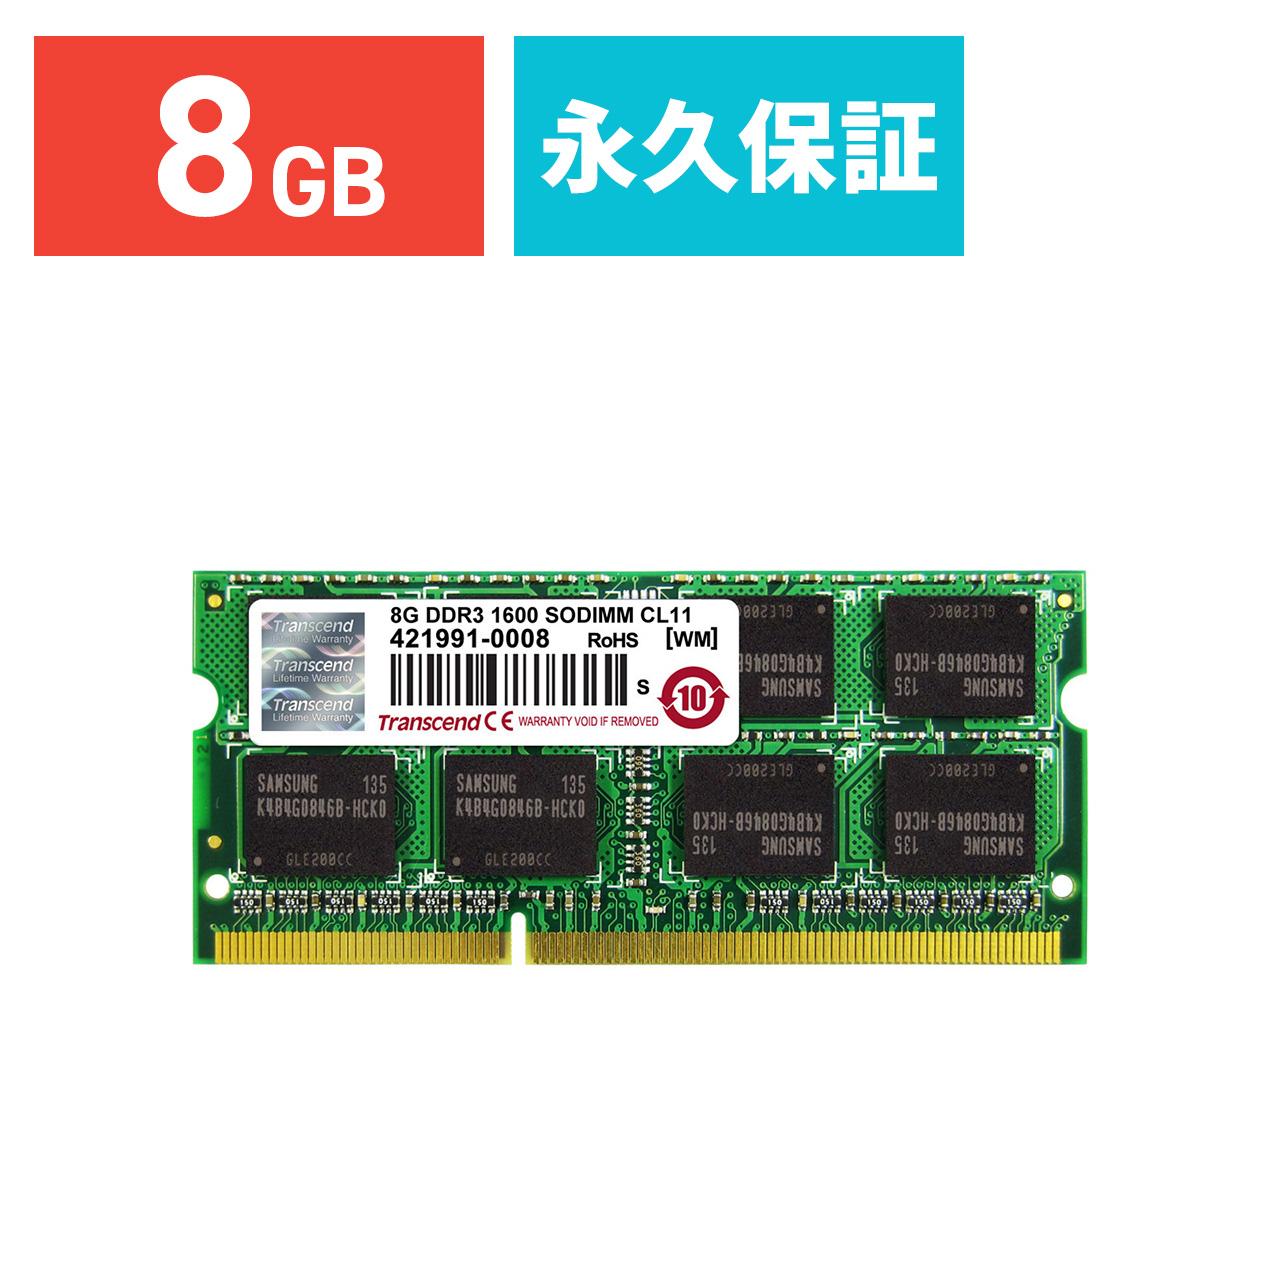 【店内全品ポイント5倍~7/21(土)1:59まで】Transcend 増設メモリー 8GB ノートPC用 PC3-12800 DDR3-1600[TS1GSK64V6H]【ネコポス対応】【BOX受取対象商品】【送料無料】